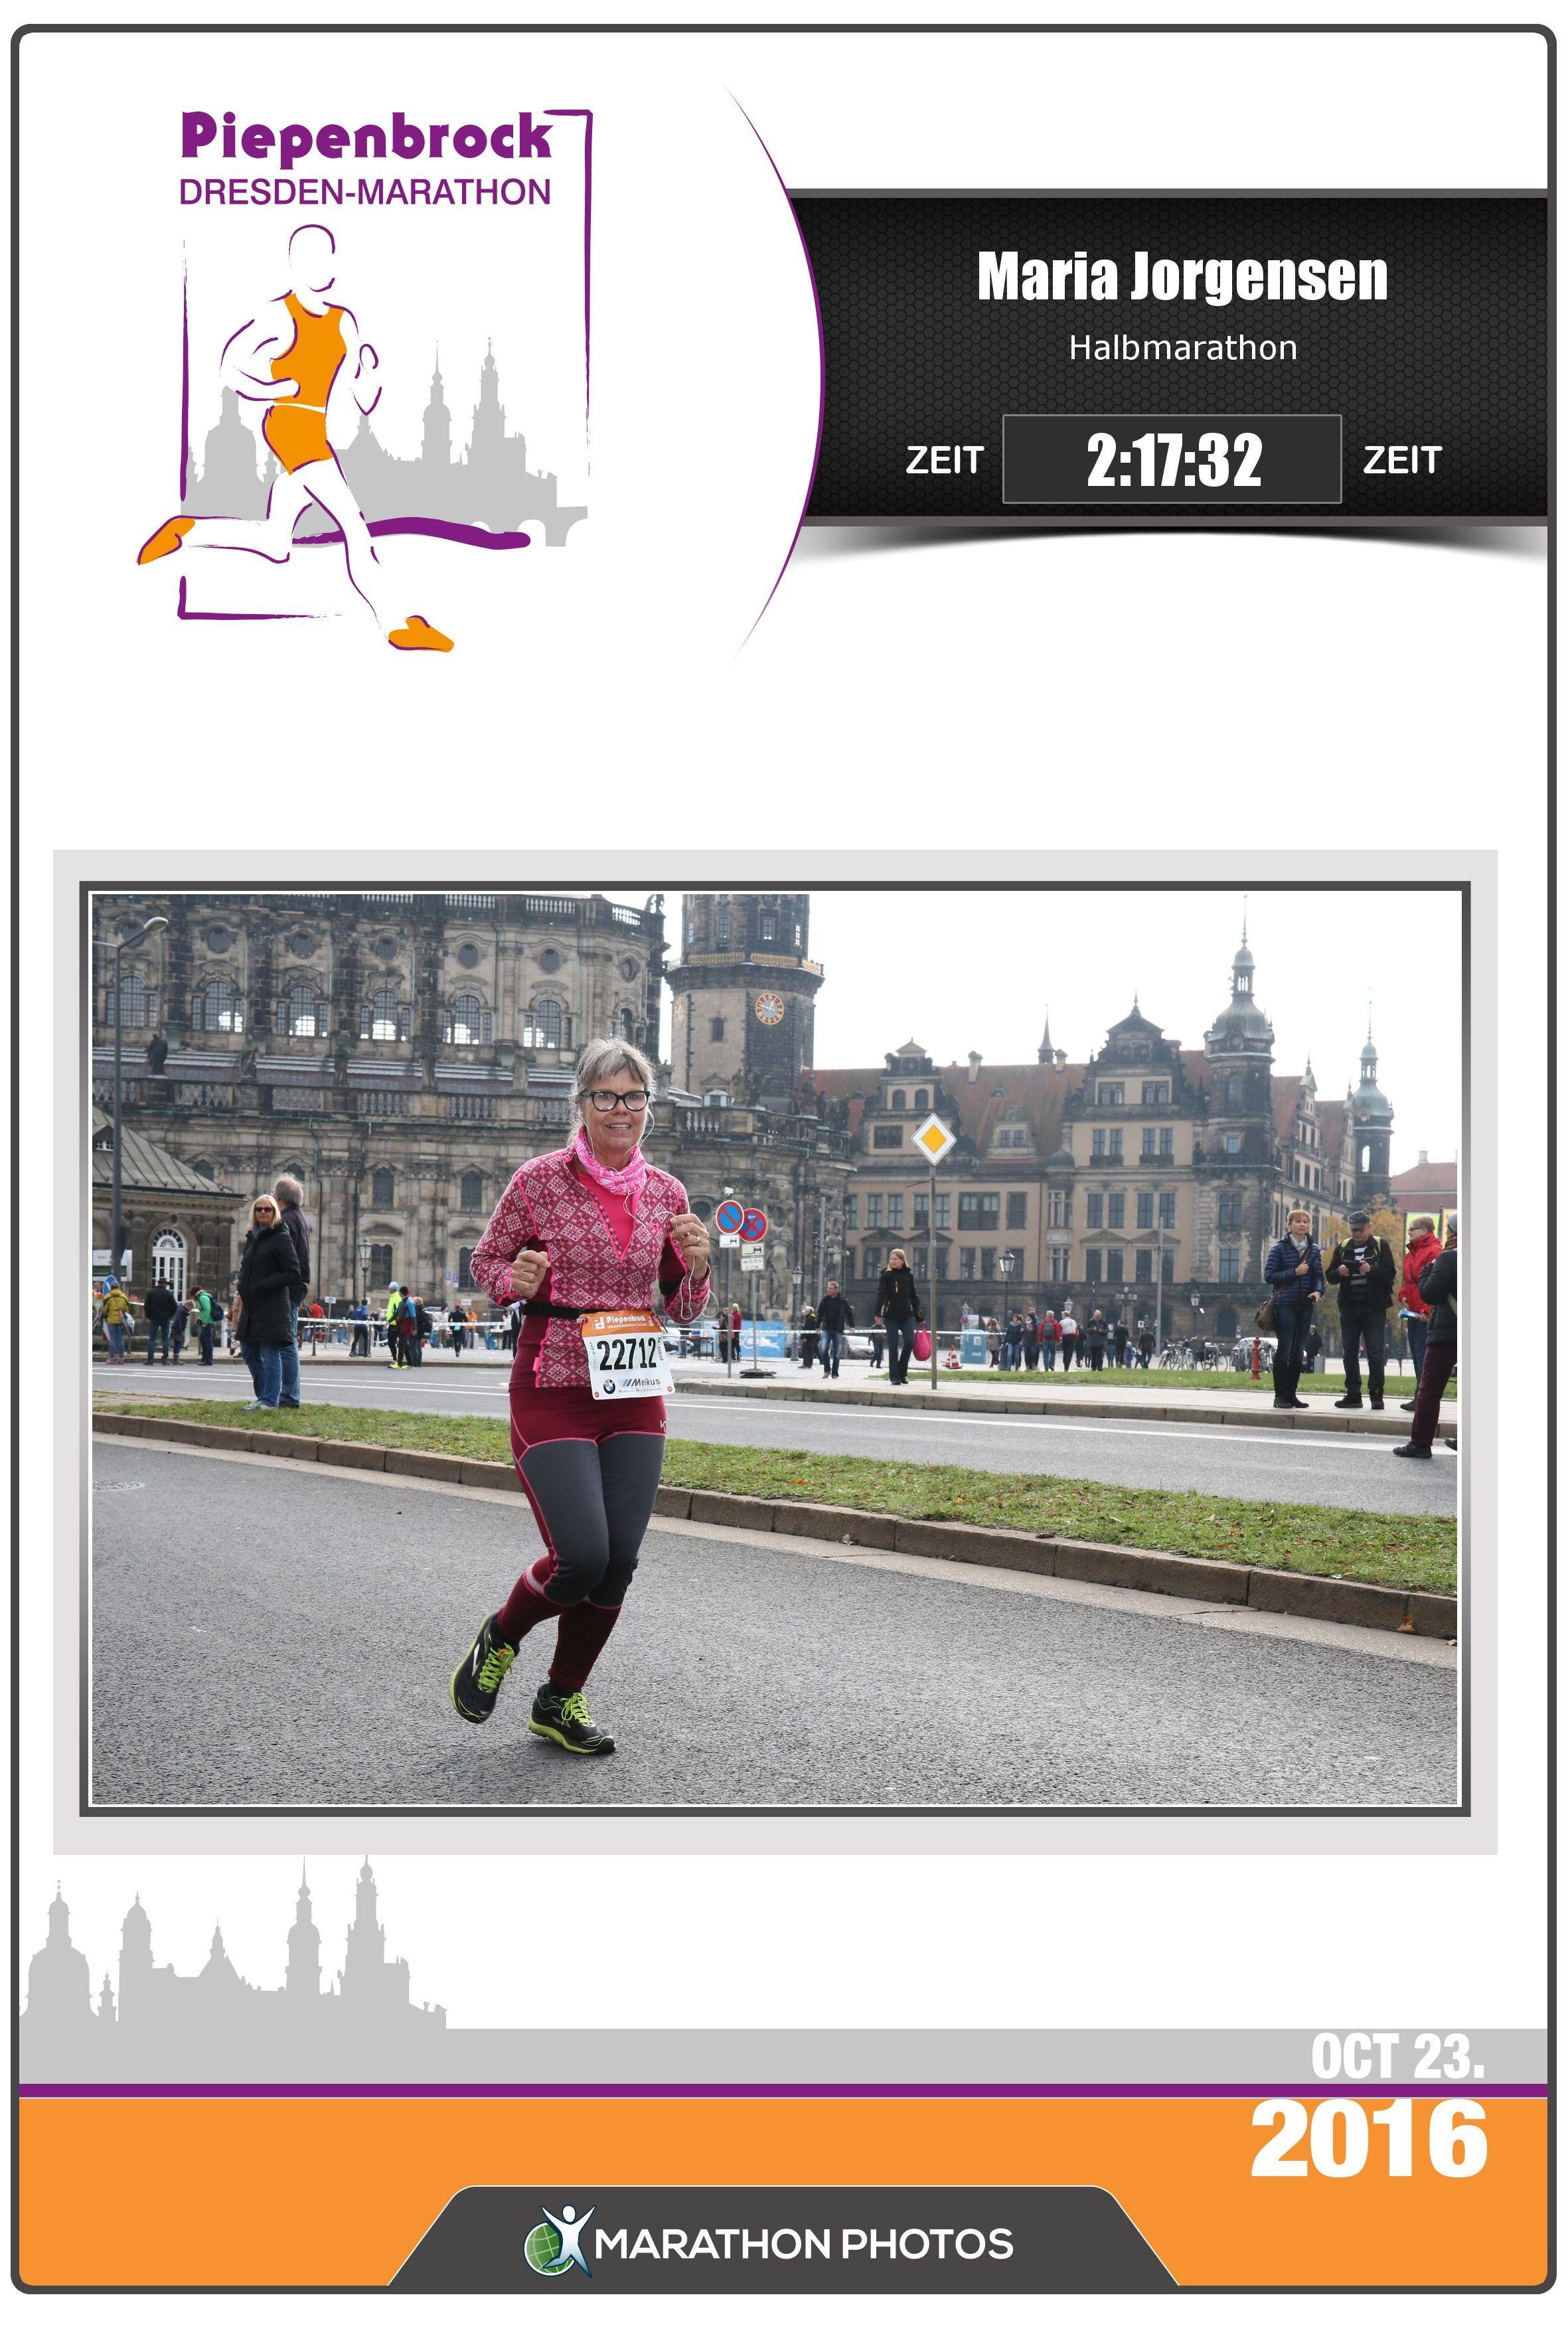 """Maria har et årligt halvmaraton """"pensum"""" på 4 og hun valgte som nummer 3 i rækken efter """"Göteborgsvarvet"""" og """"Indvielse af Silkeborg motorvej"""", at tilmelde sig Dresden Marathon. Her er beretningen om vores Tysklandtur og Halvmarathon i Dresden."""